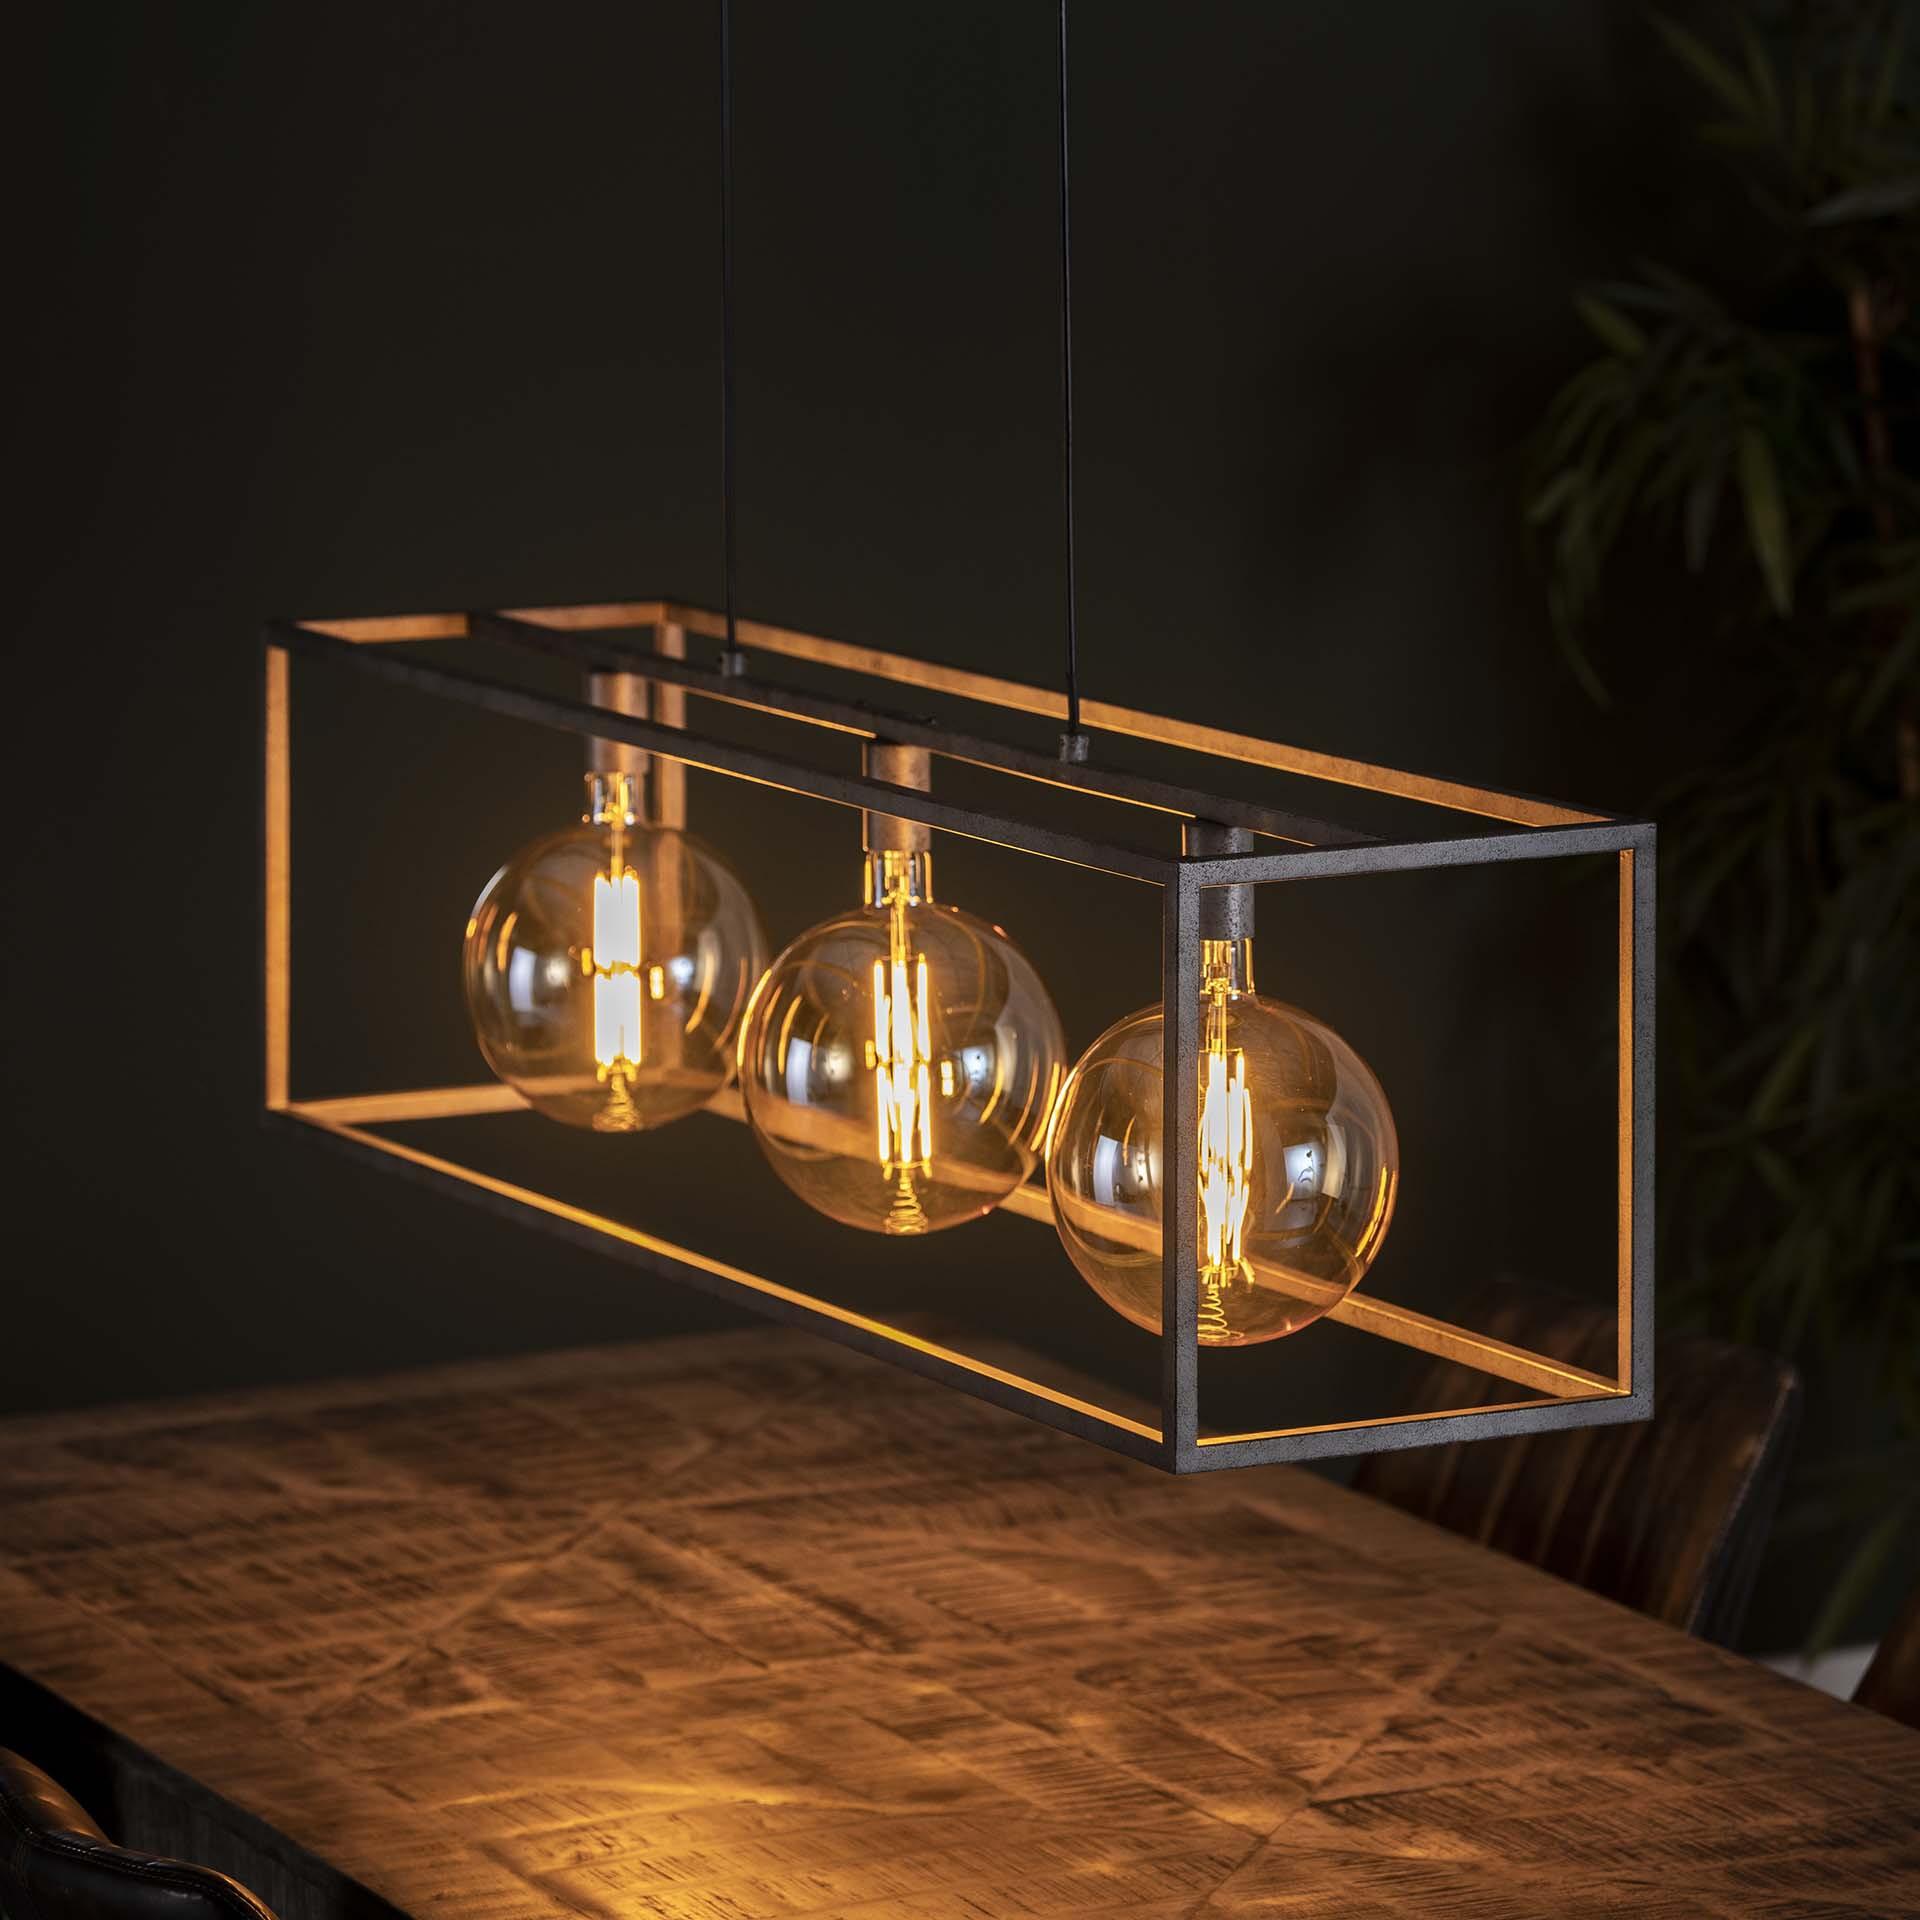 Hanglamp 'Lora' Oud zilver, 3-lamps